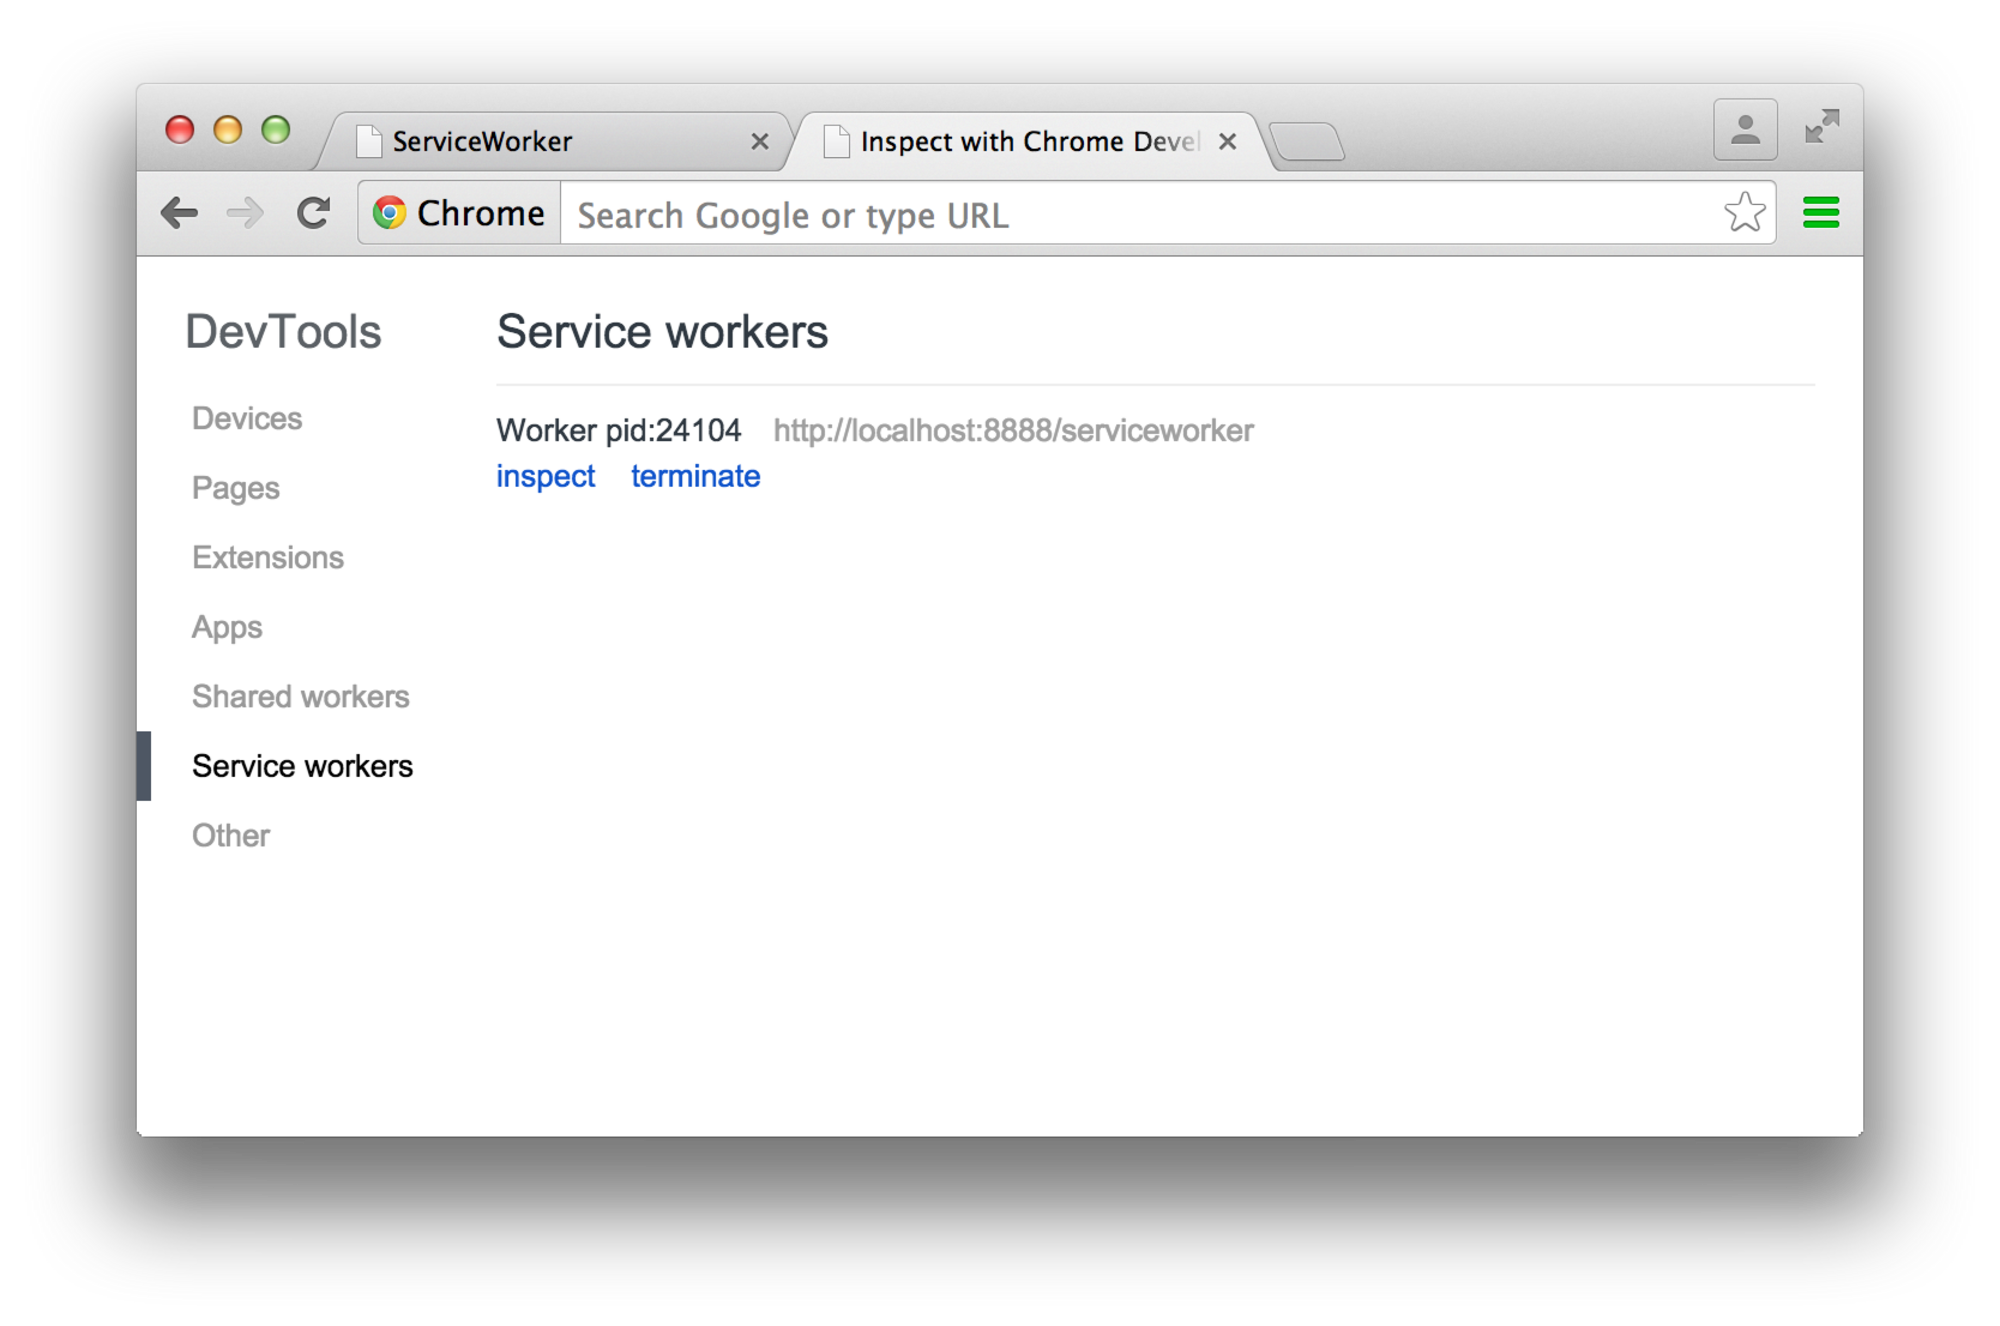 Chrome Inspect for DevTools